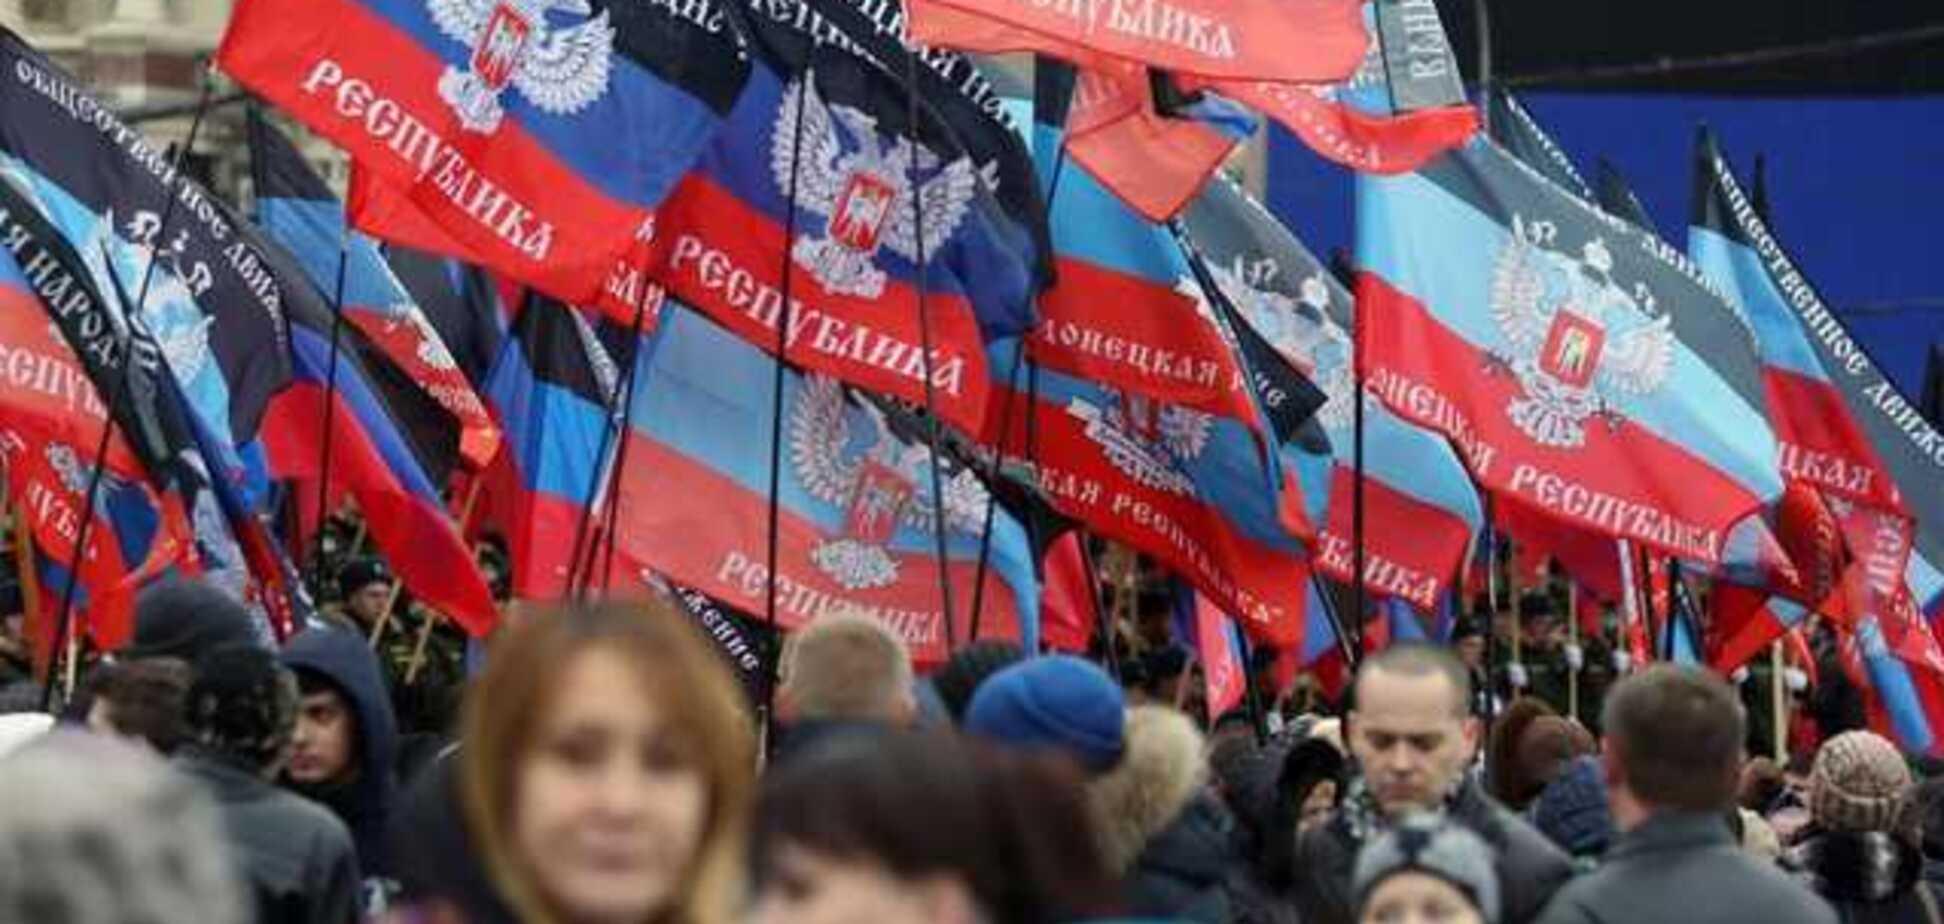 'Дякуємо!' В 'ДНР' оконфузились с украинским языком